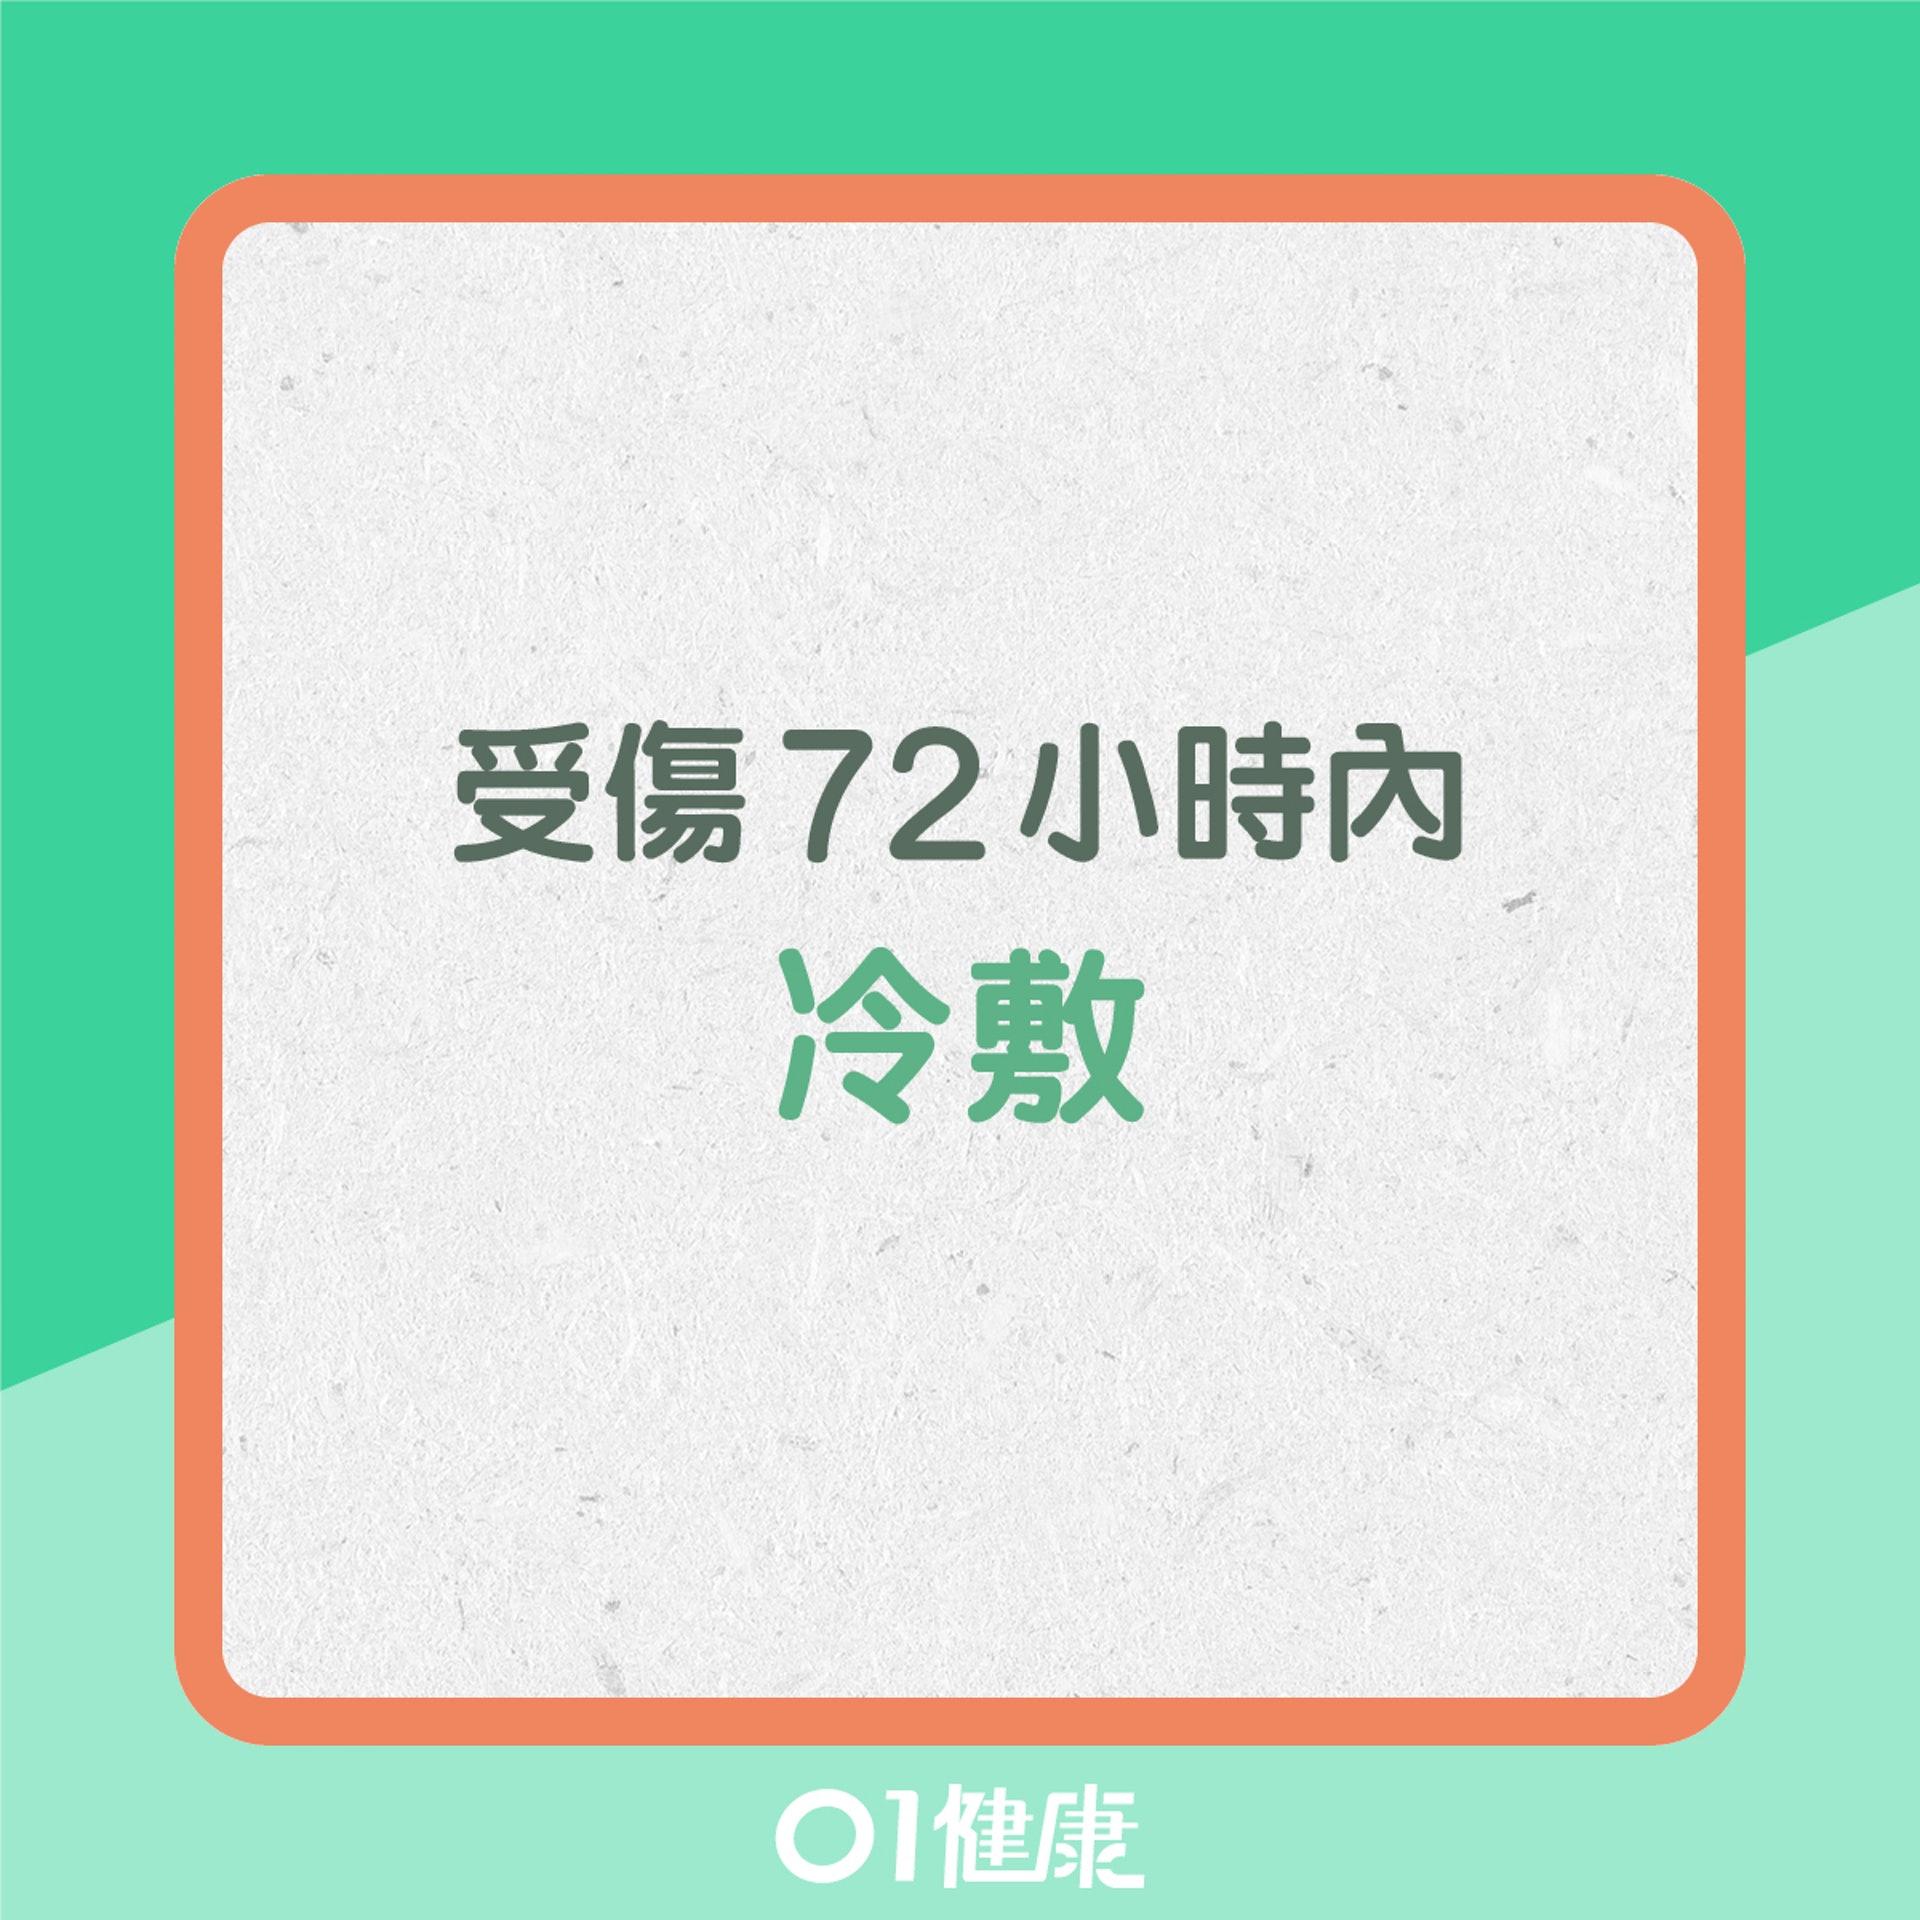 受傷72小時內冷敷(01製圖)